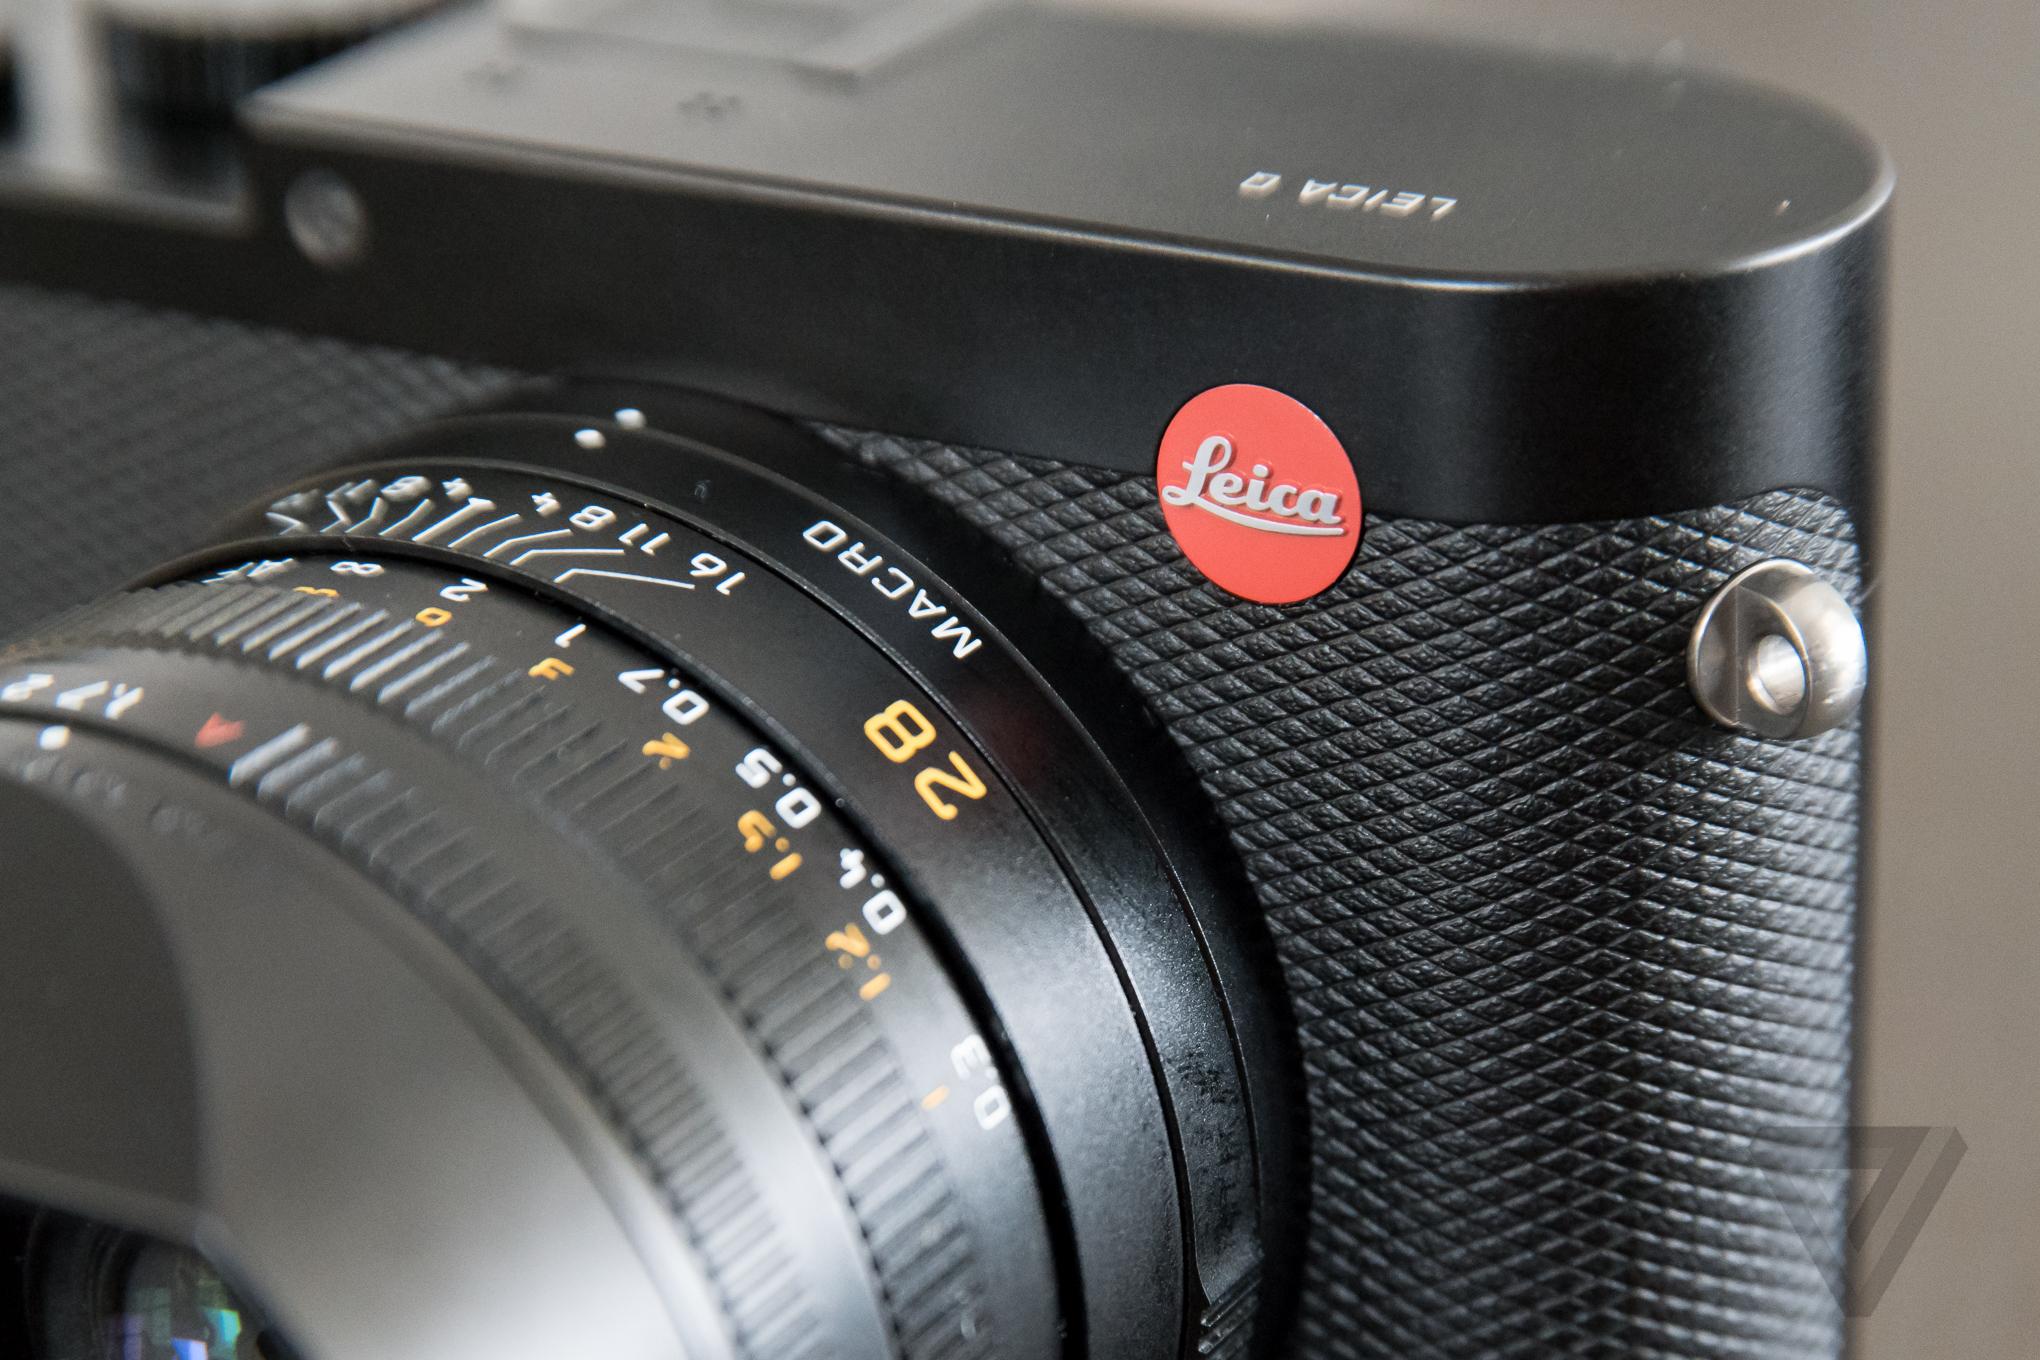 Huawei and Leica strike phone camera partnership